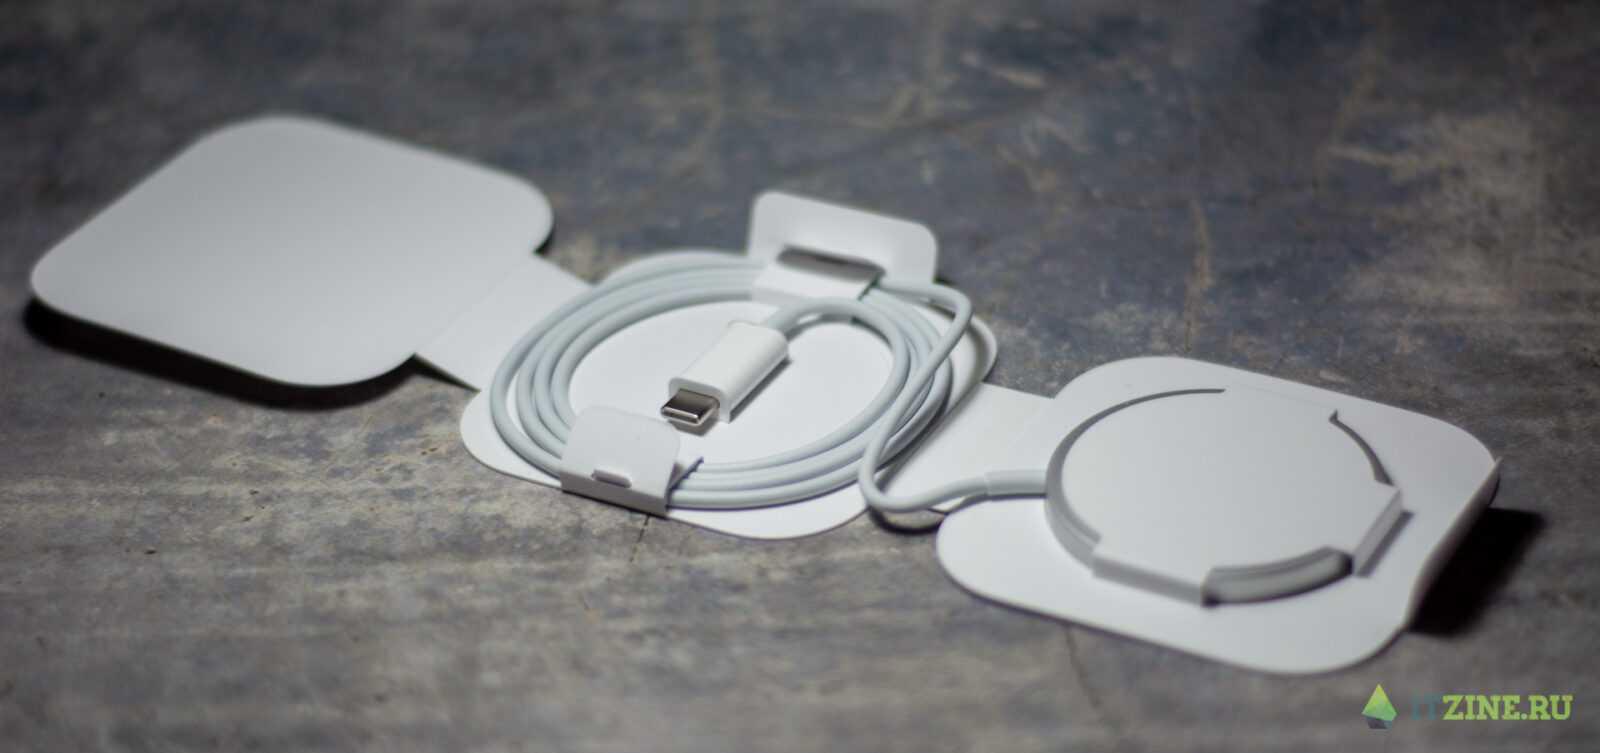 Обзор Apple MagSafe для iPhone 12 (apple magsafe 07)